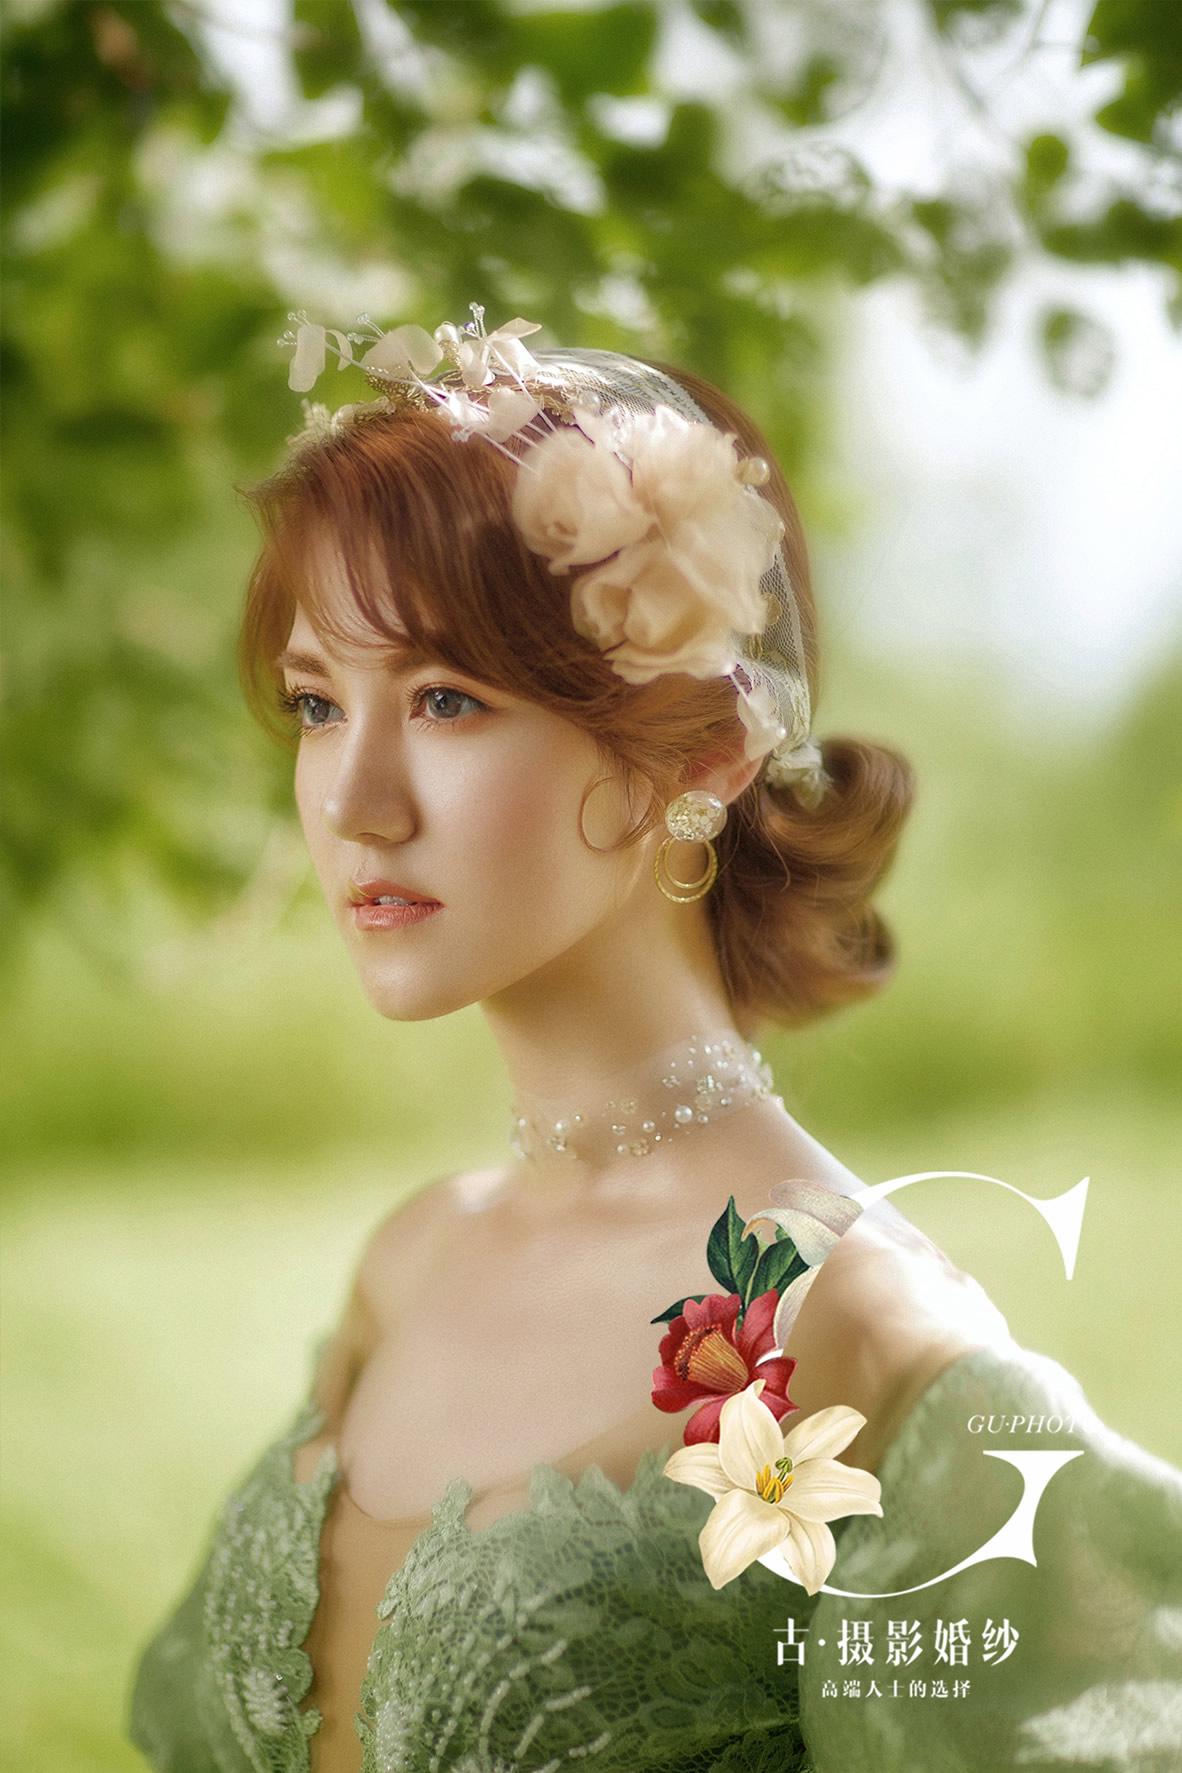 公主道《茜茜公主》 - 拍摄地 - 广州婚纱摄影-广州古摄影官网